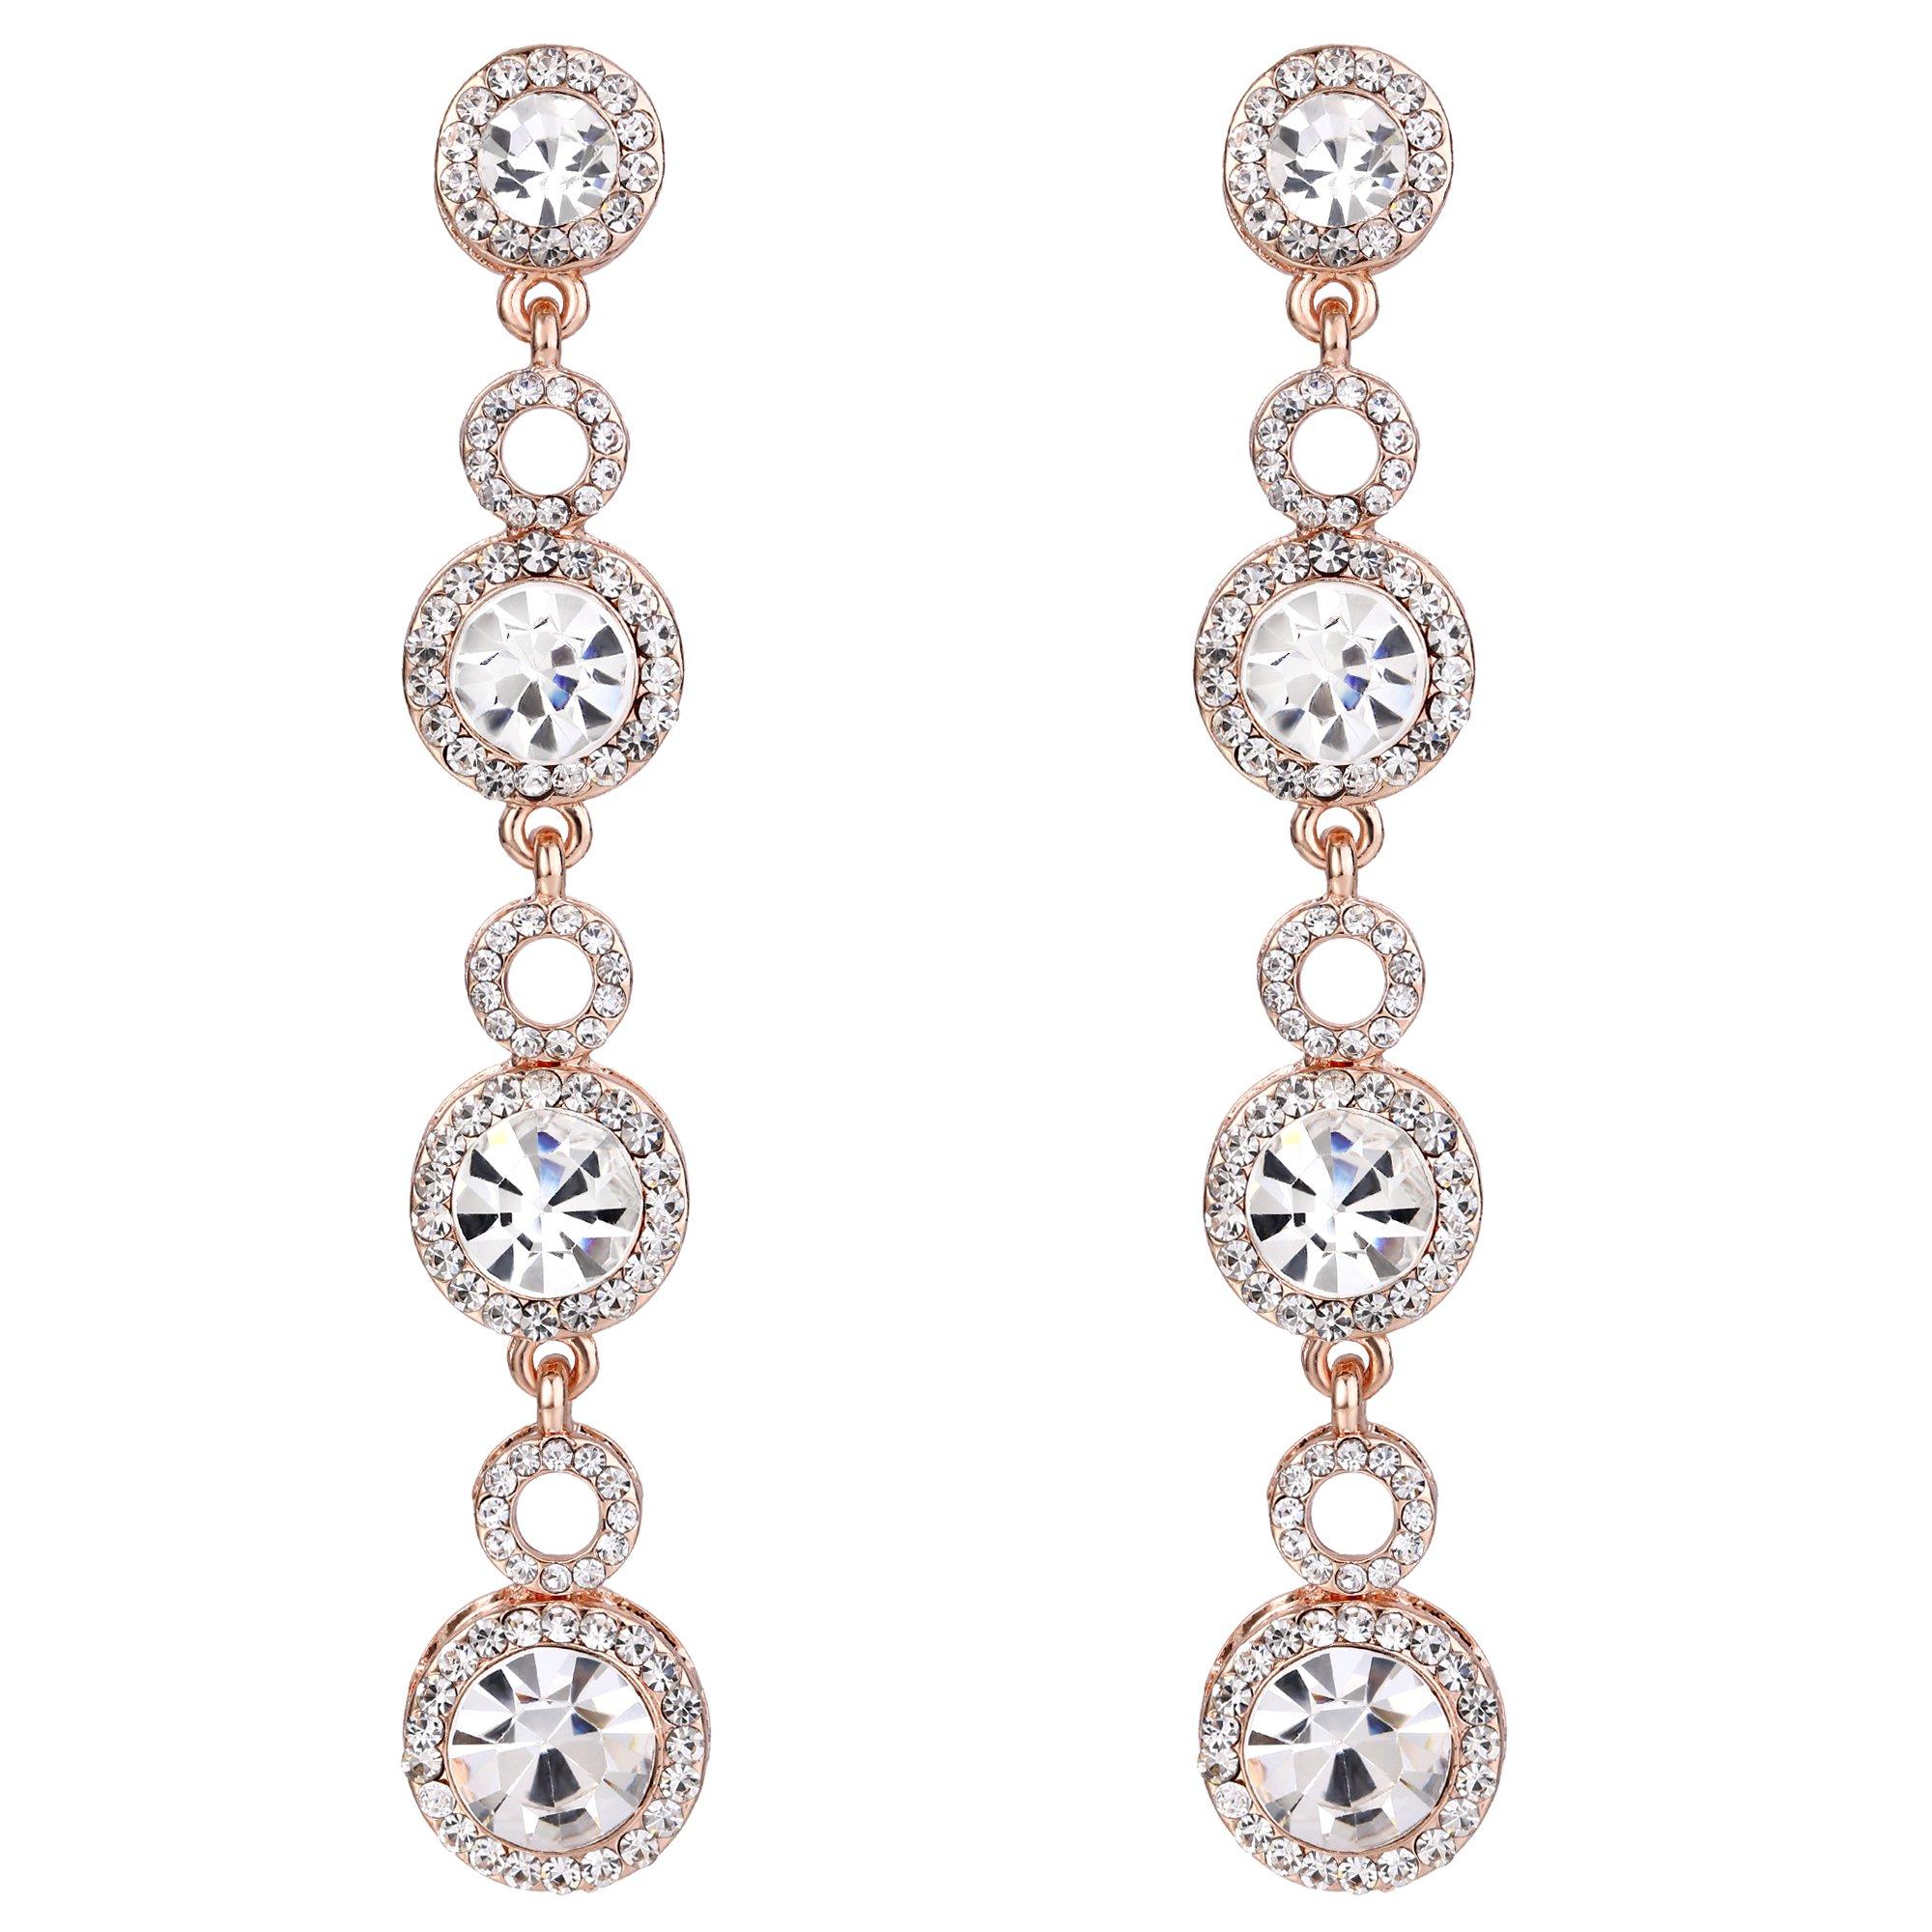 BriLove Rose-Gold-Toned Dangle Earrings Women's Wedding Bridal Crystal Chandelier Long Earrings Clear